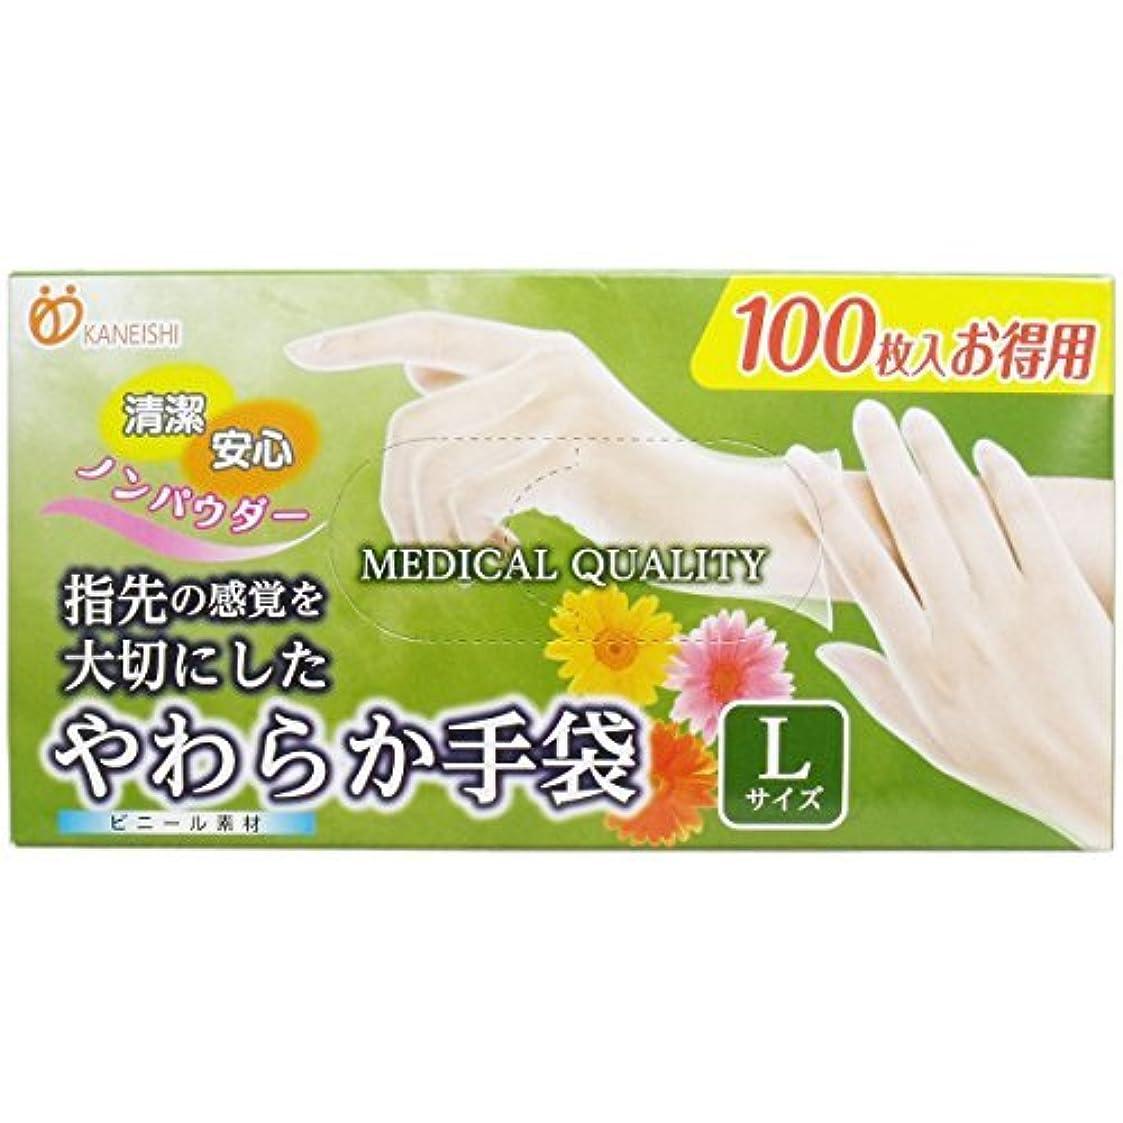 何もない王族スキャンやわらか手袋 ビニール素材 Lサイズ 100枚入x7